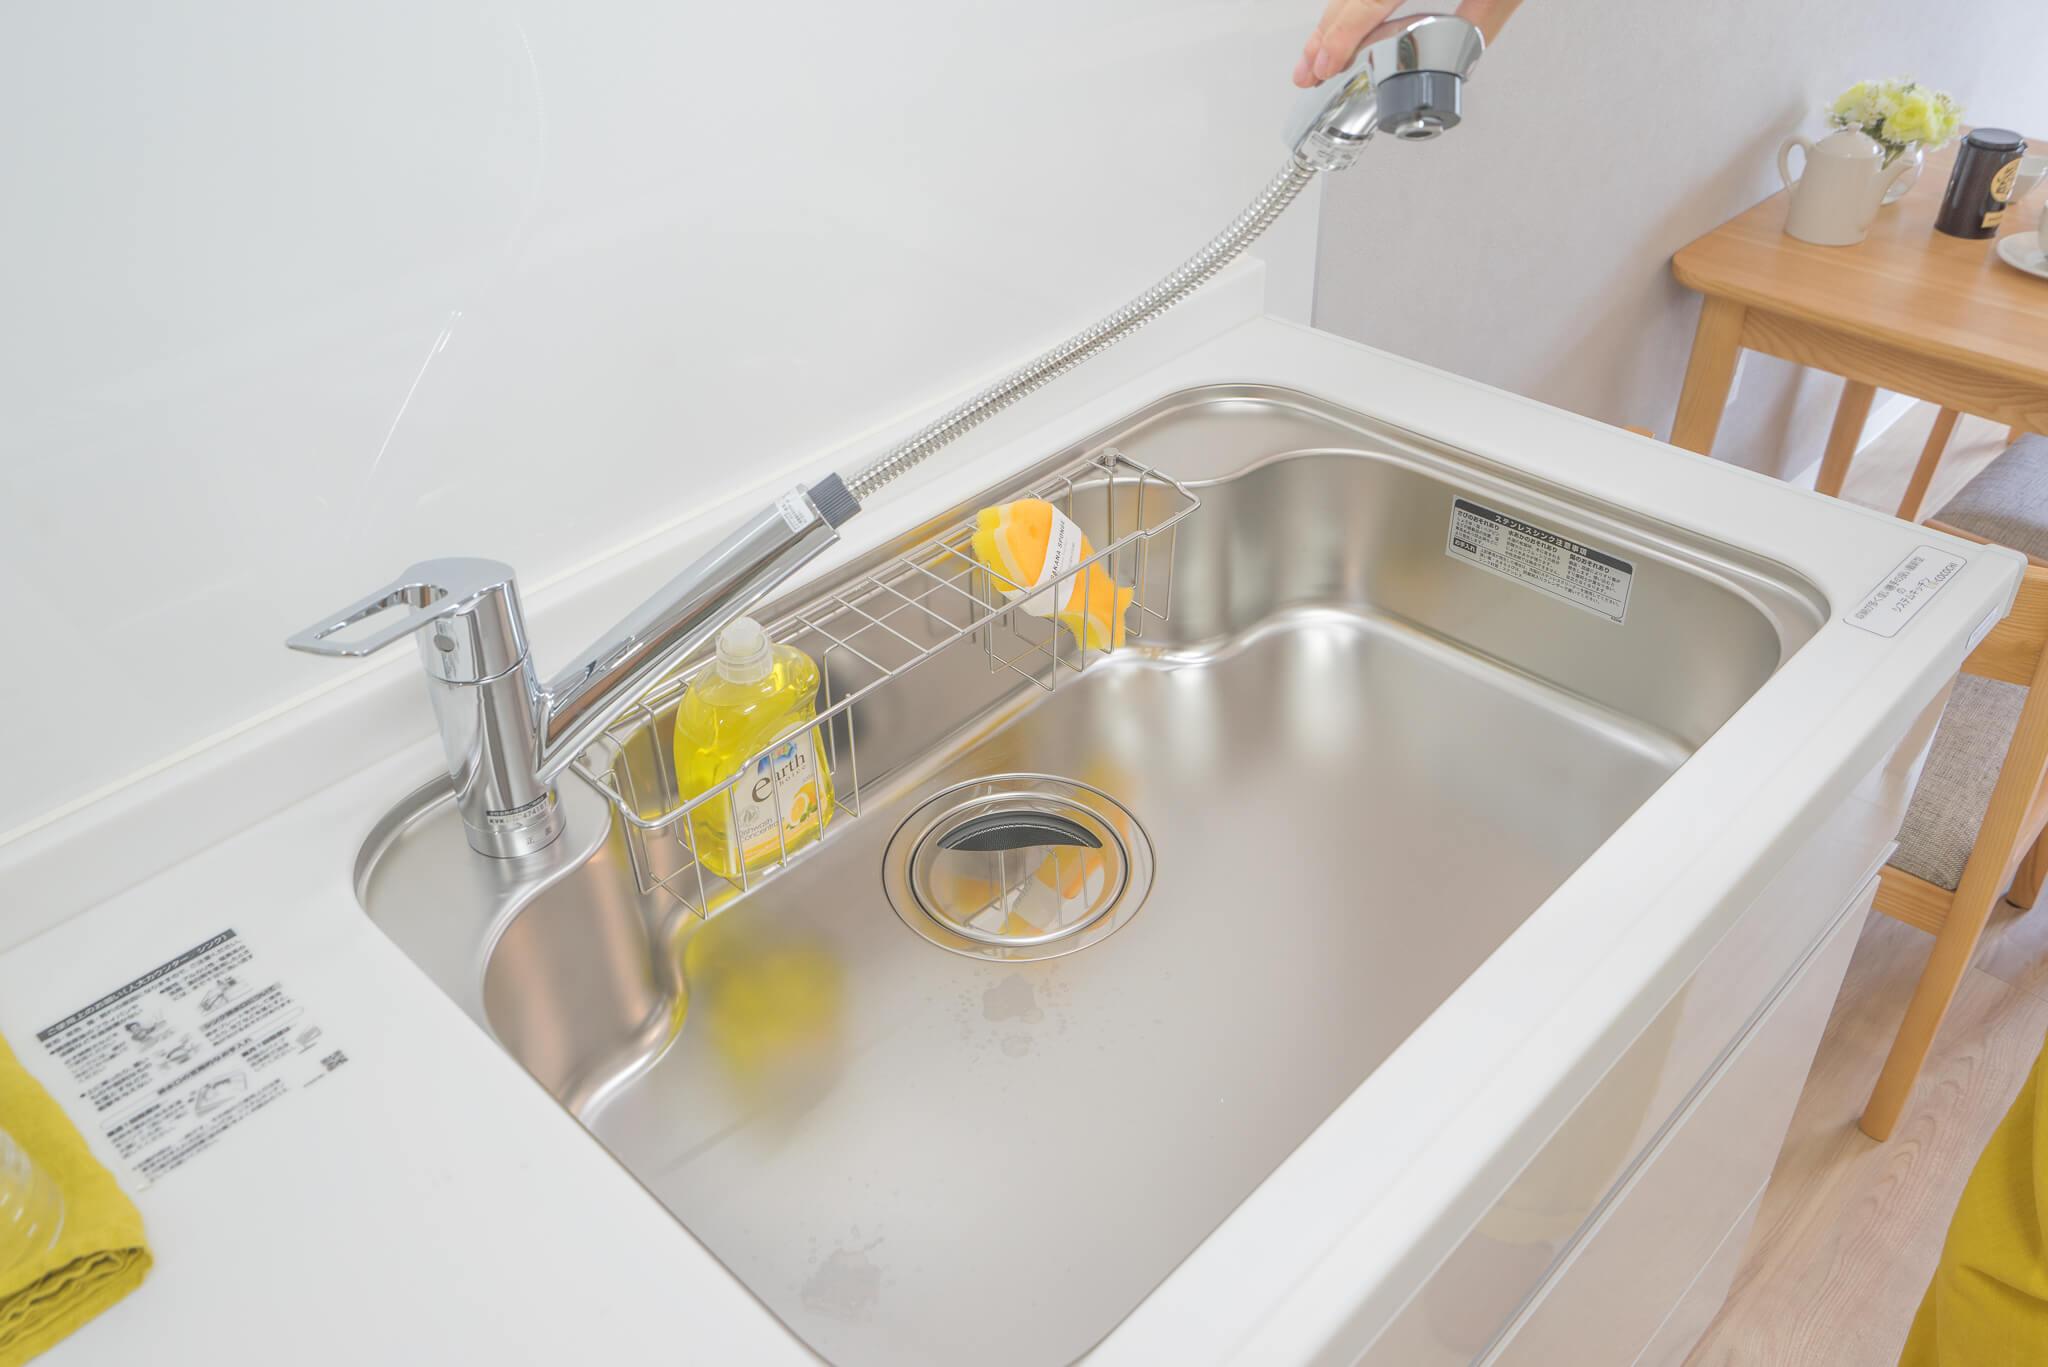 シャワーノズル付きの水栓に興奮しているところ。賃貸でここまでのグレードのキッチンって、なかなか見ないですね。